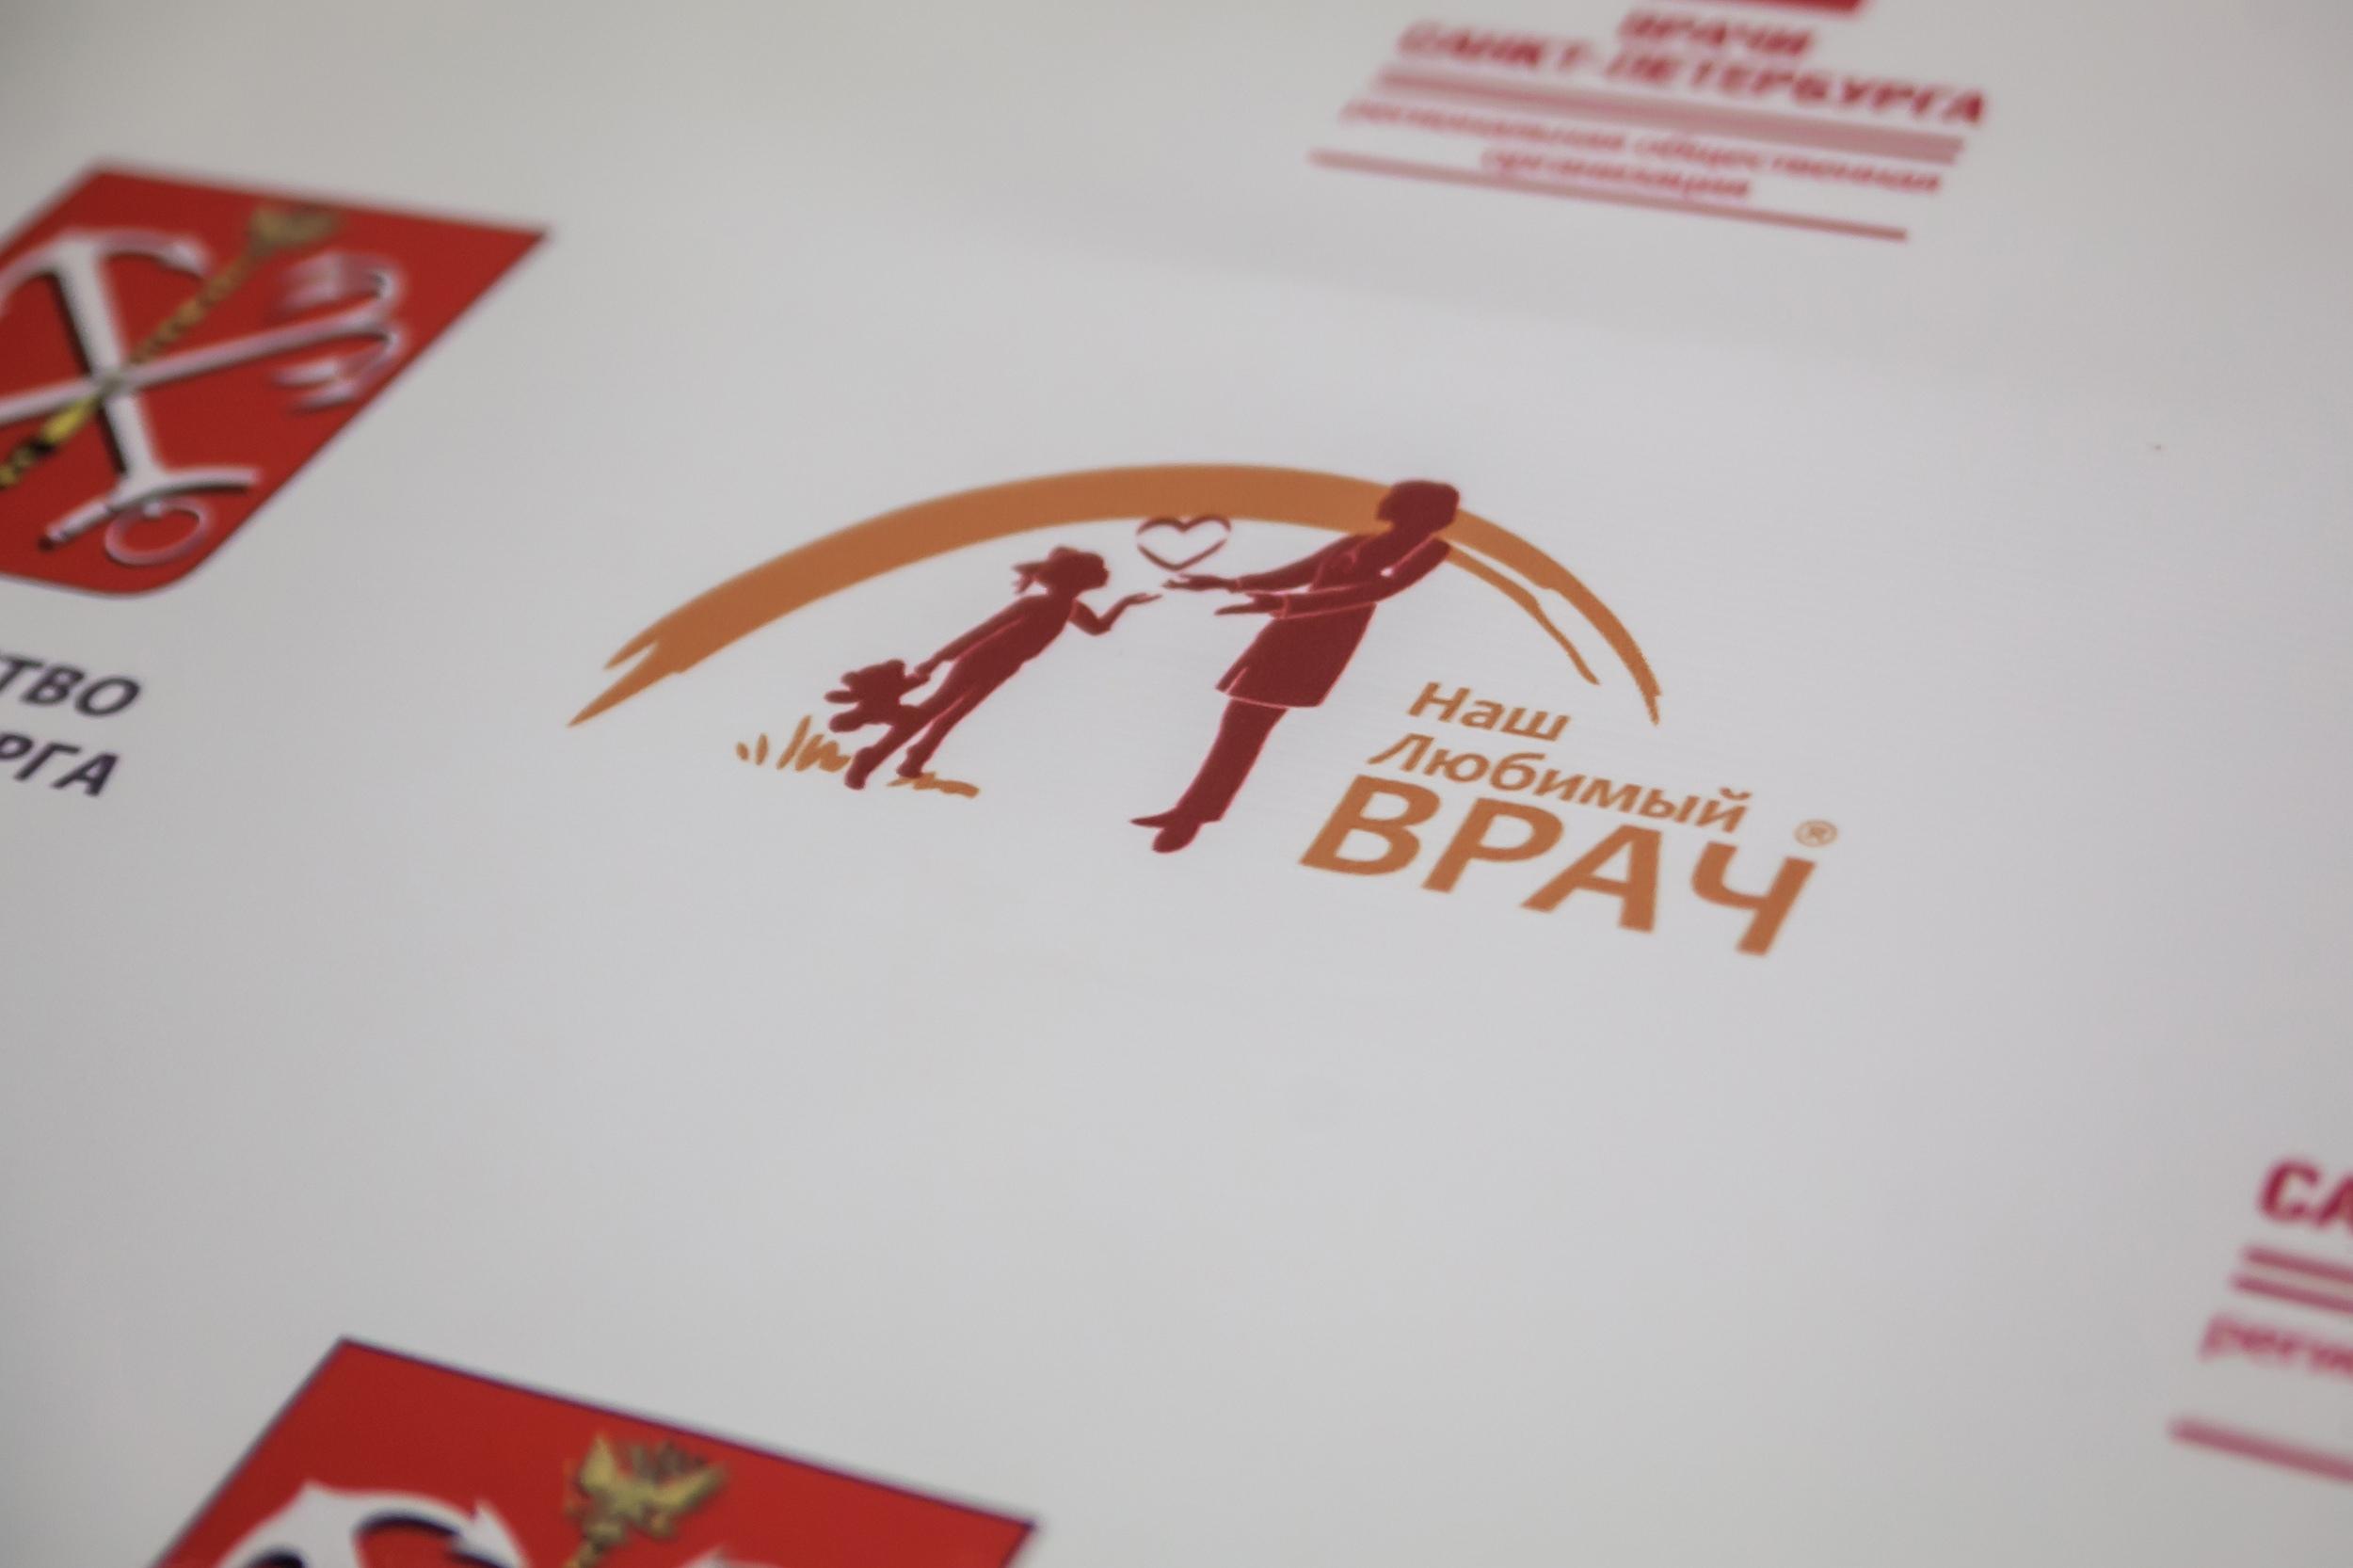 В Санкт-Петербурге стартует VII Конкурс народного признания «Наш Любимый ВРАЧ»